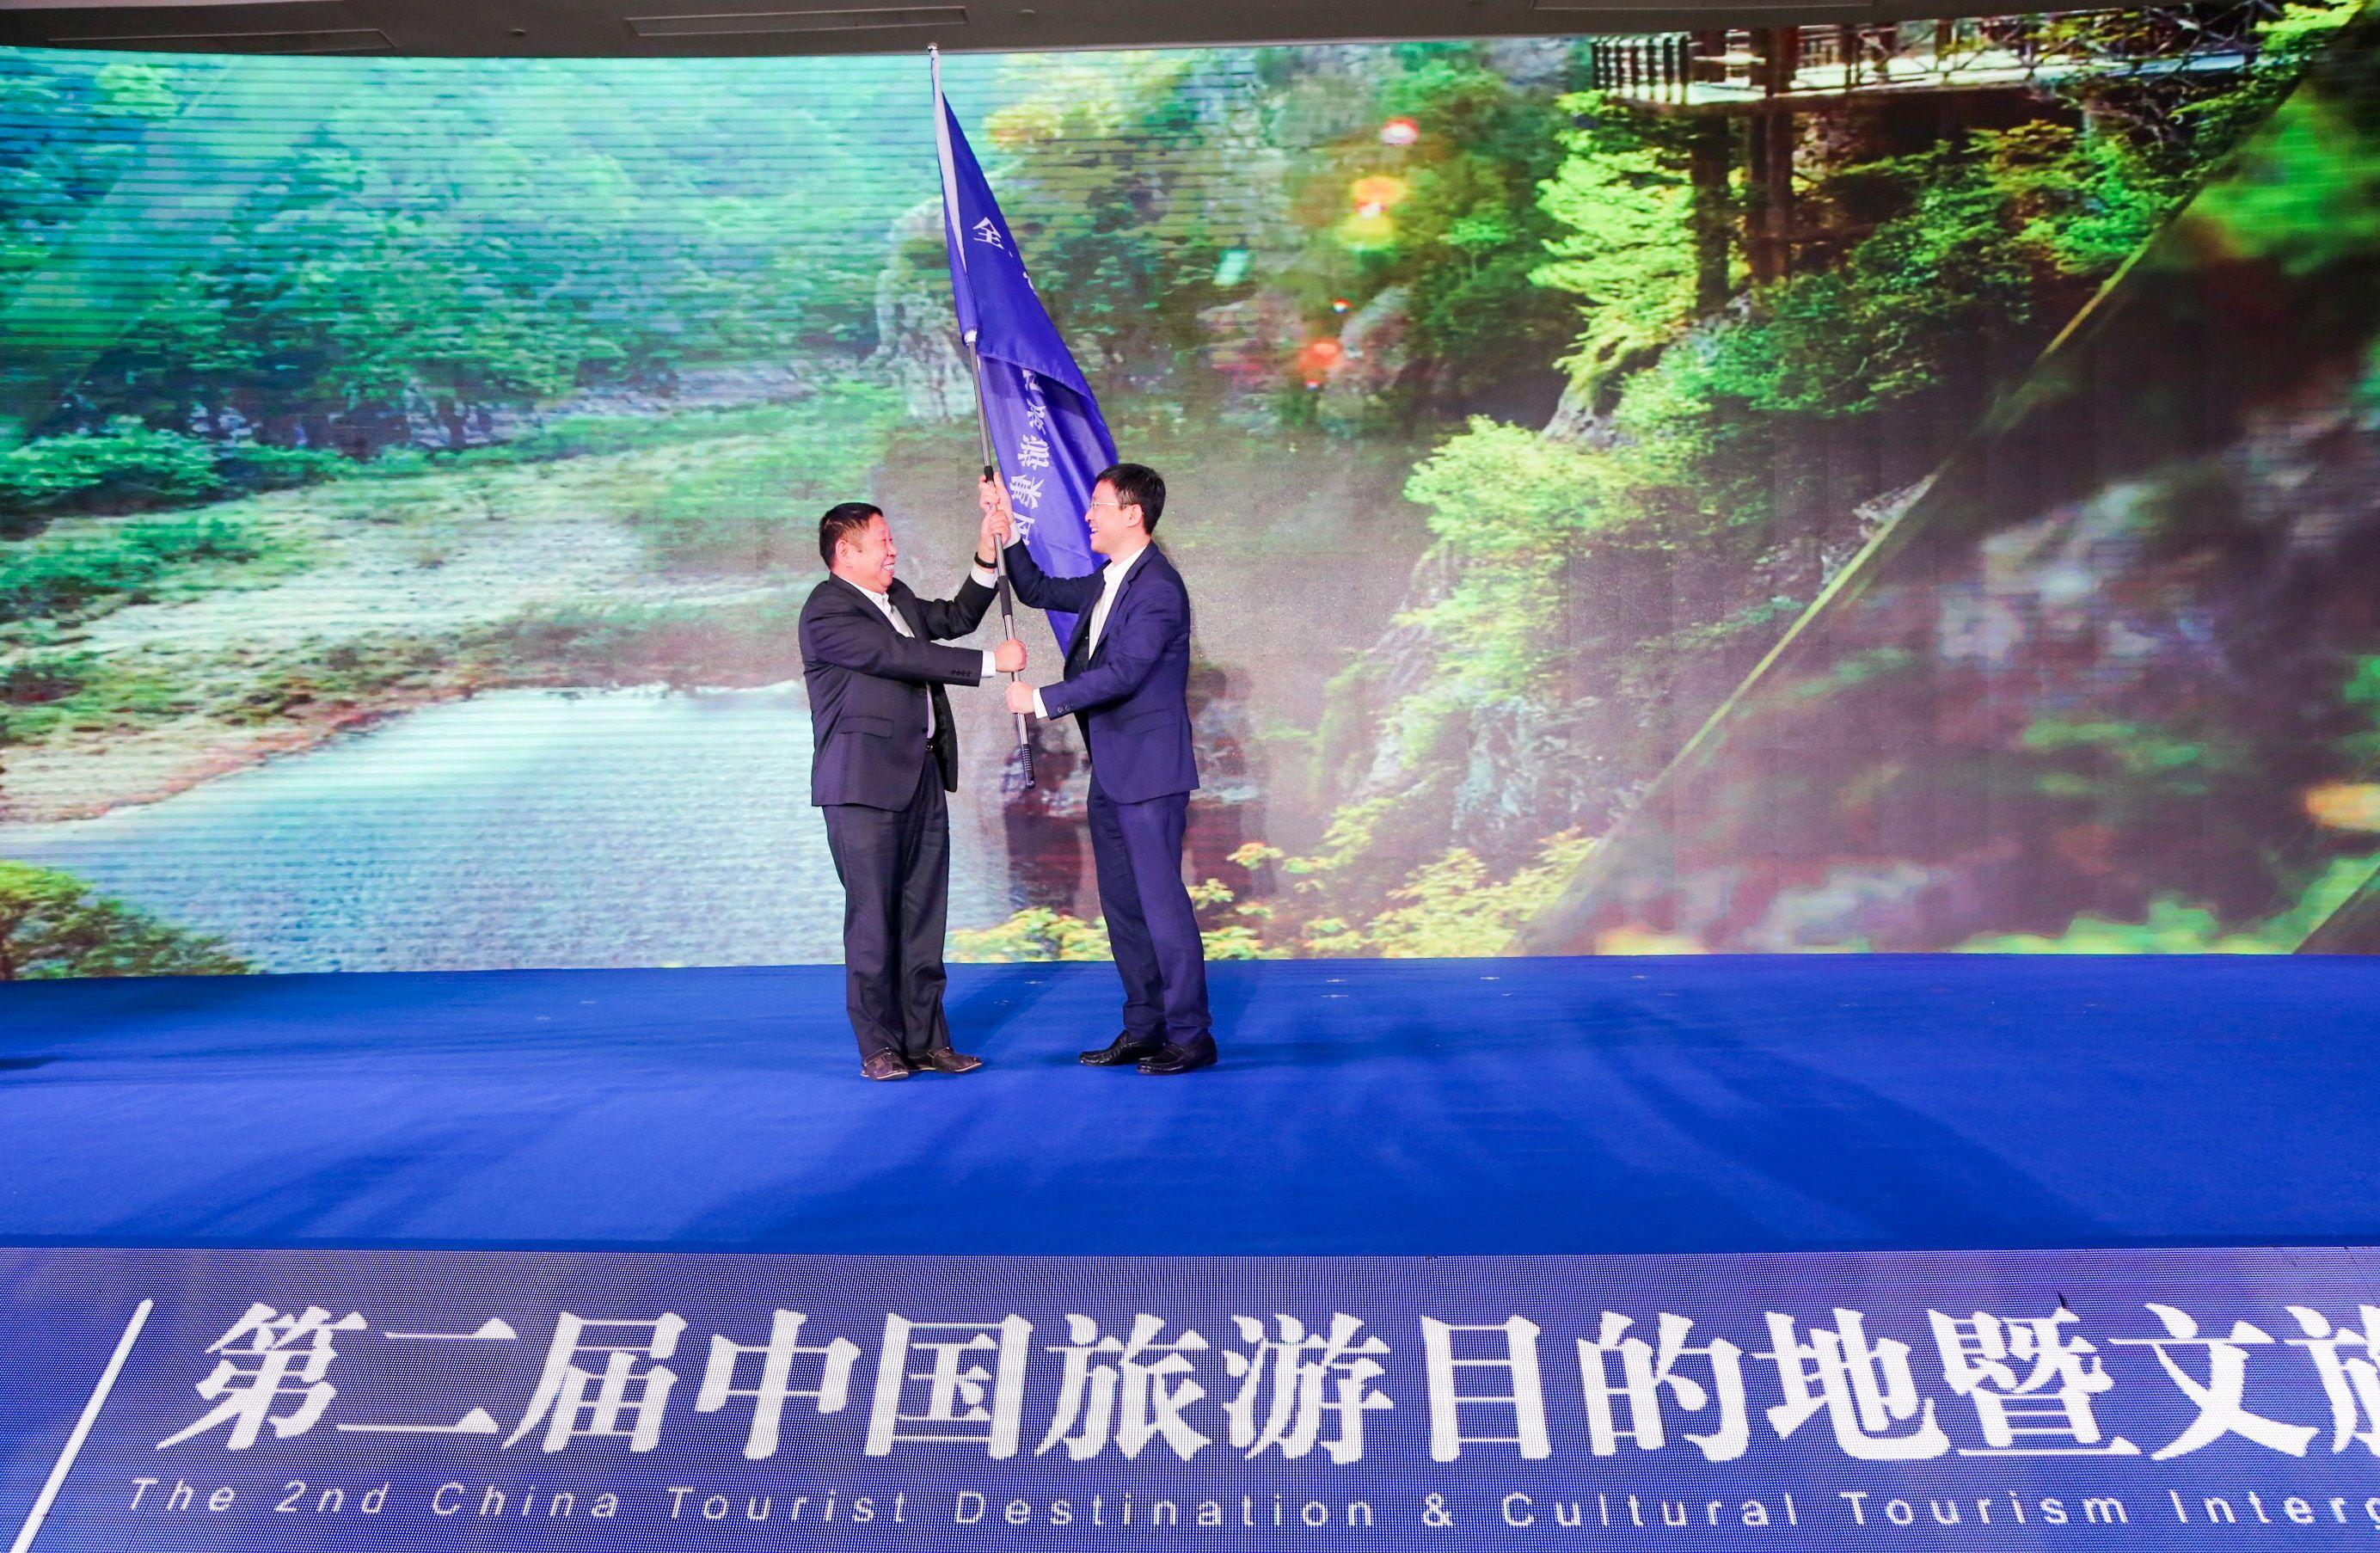 2018中国旅游目的地暨文旅产业融合发展大会在西安盛大开幕